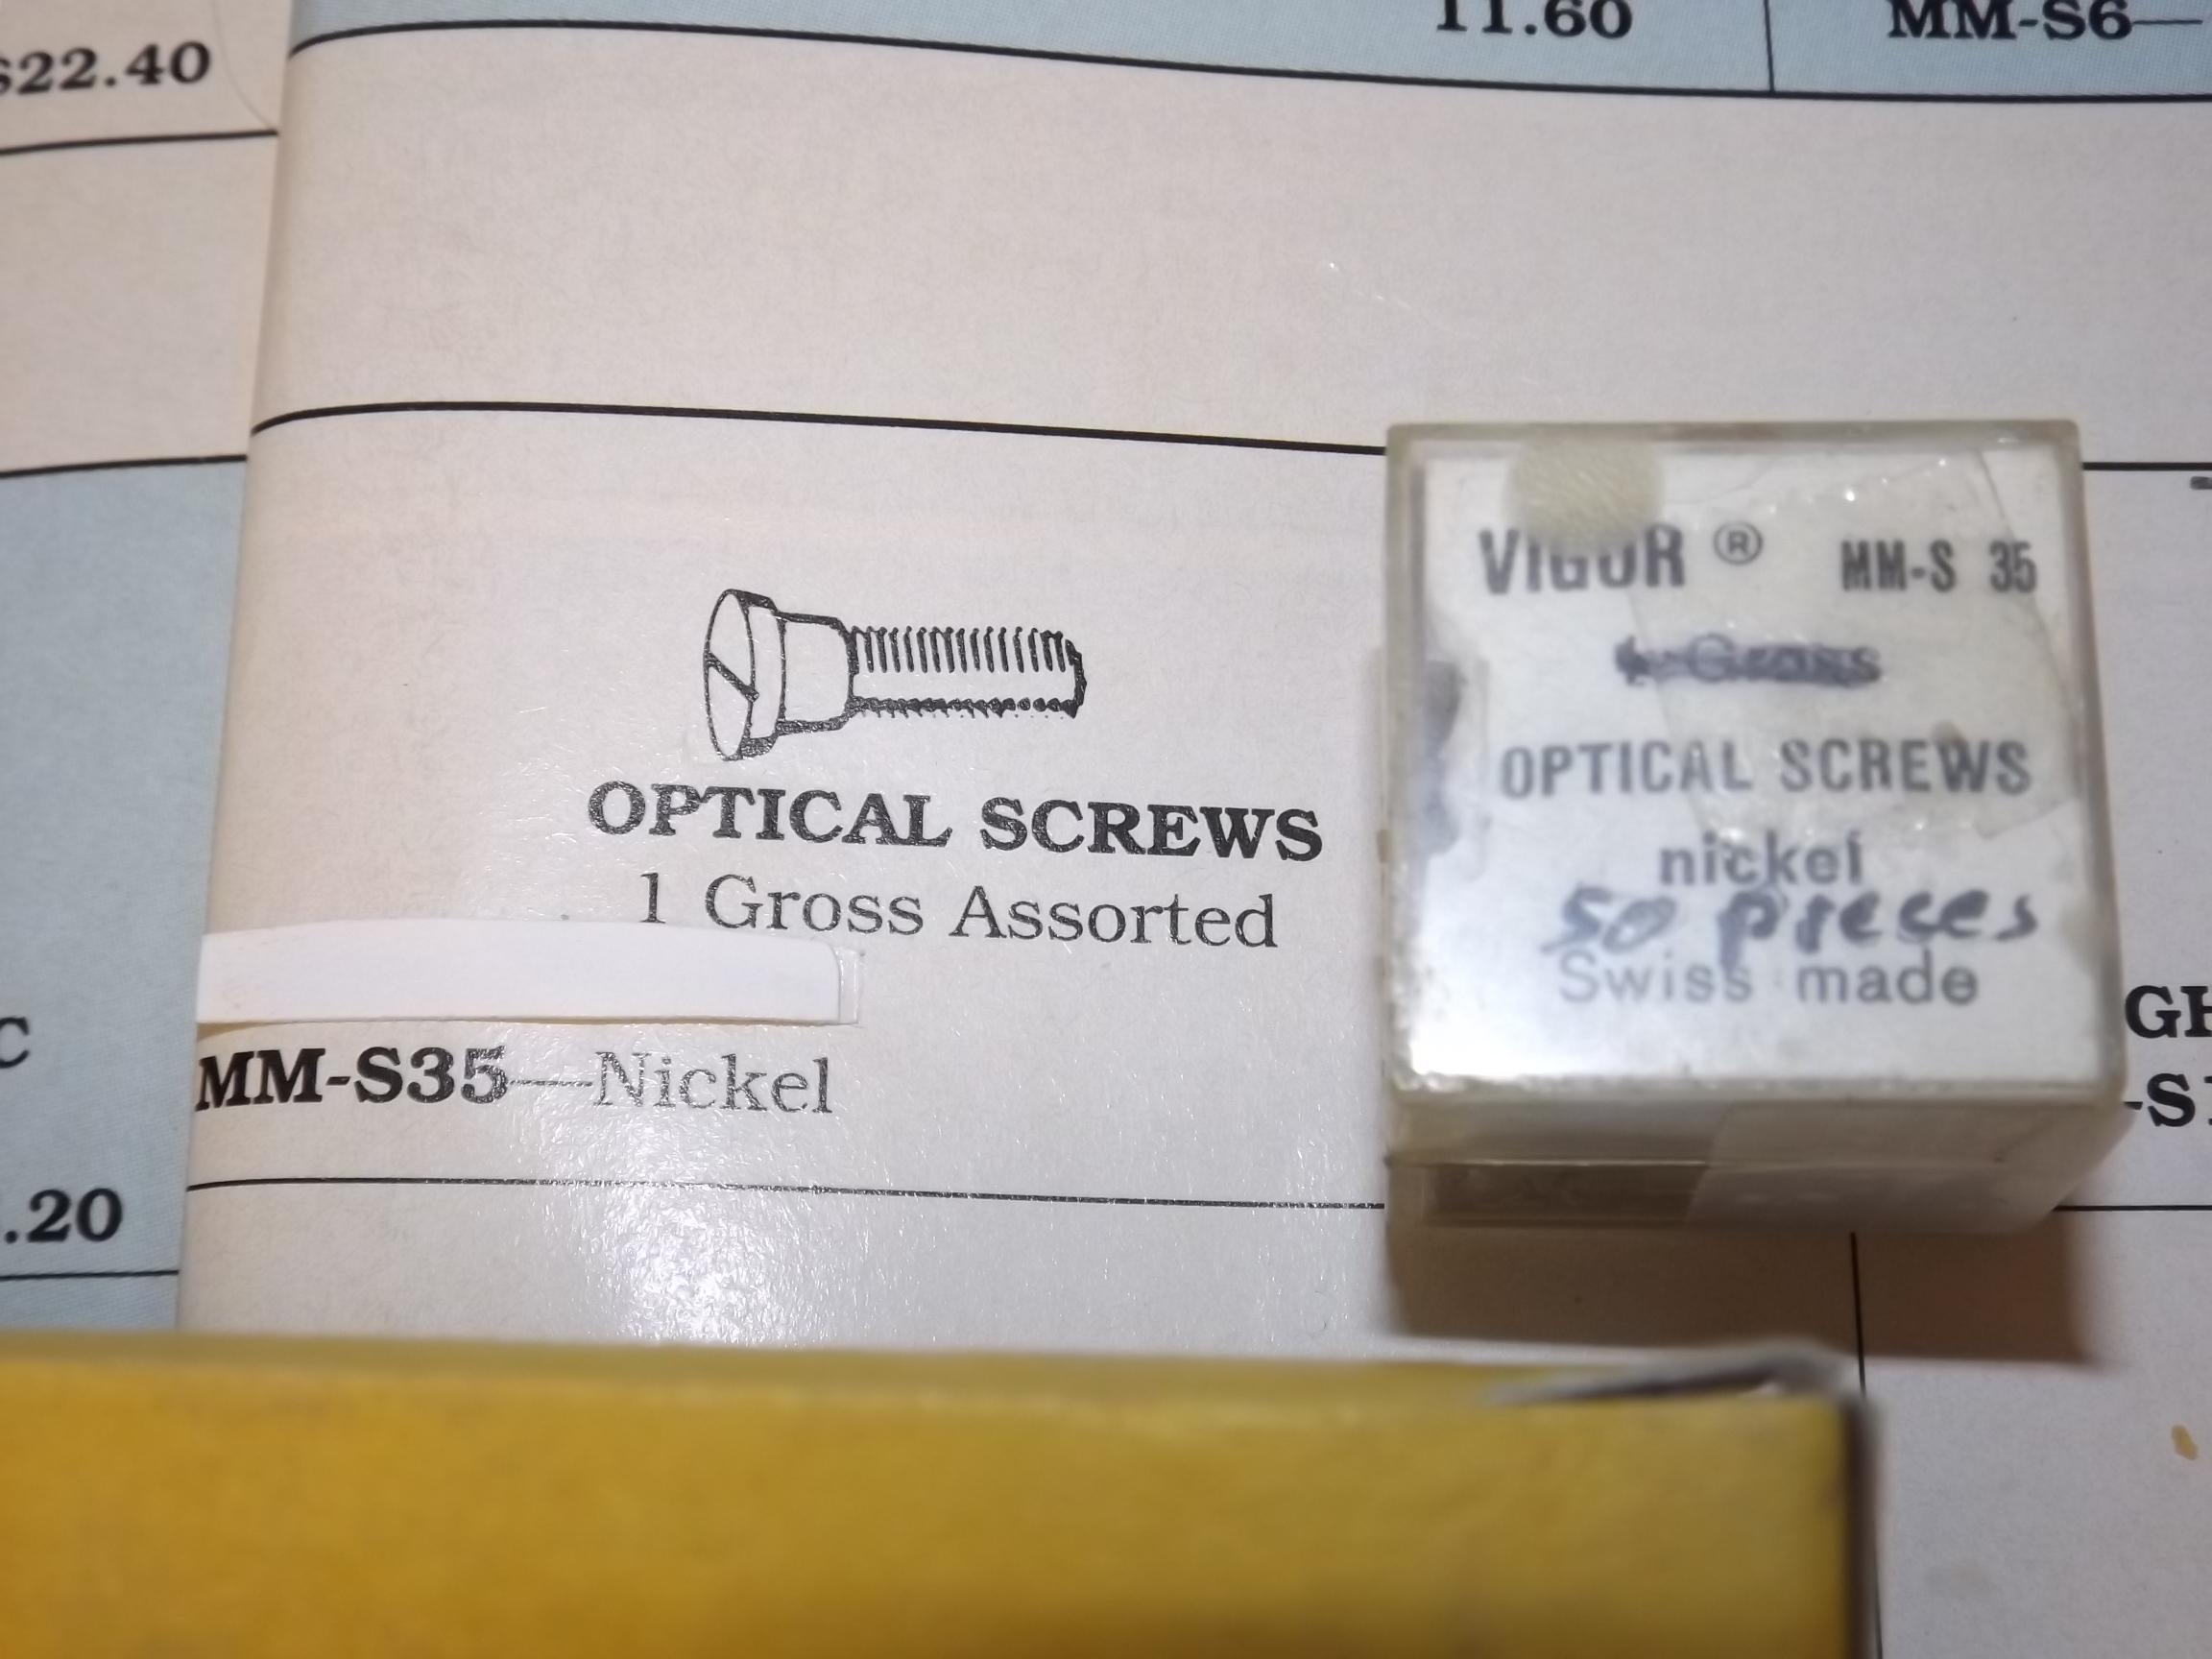 MM-S35 Optical Screws, Nickel- bx of 50- Vigor - One Only!